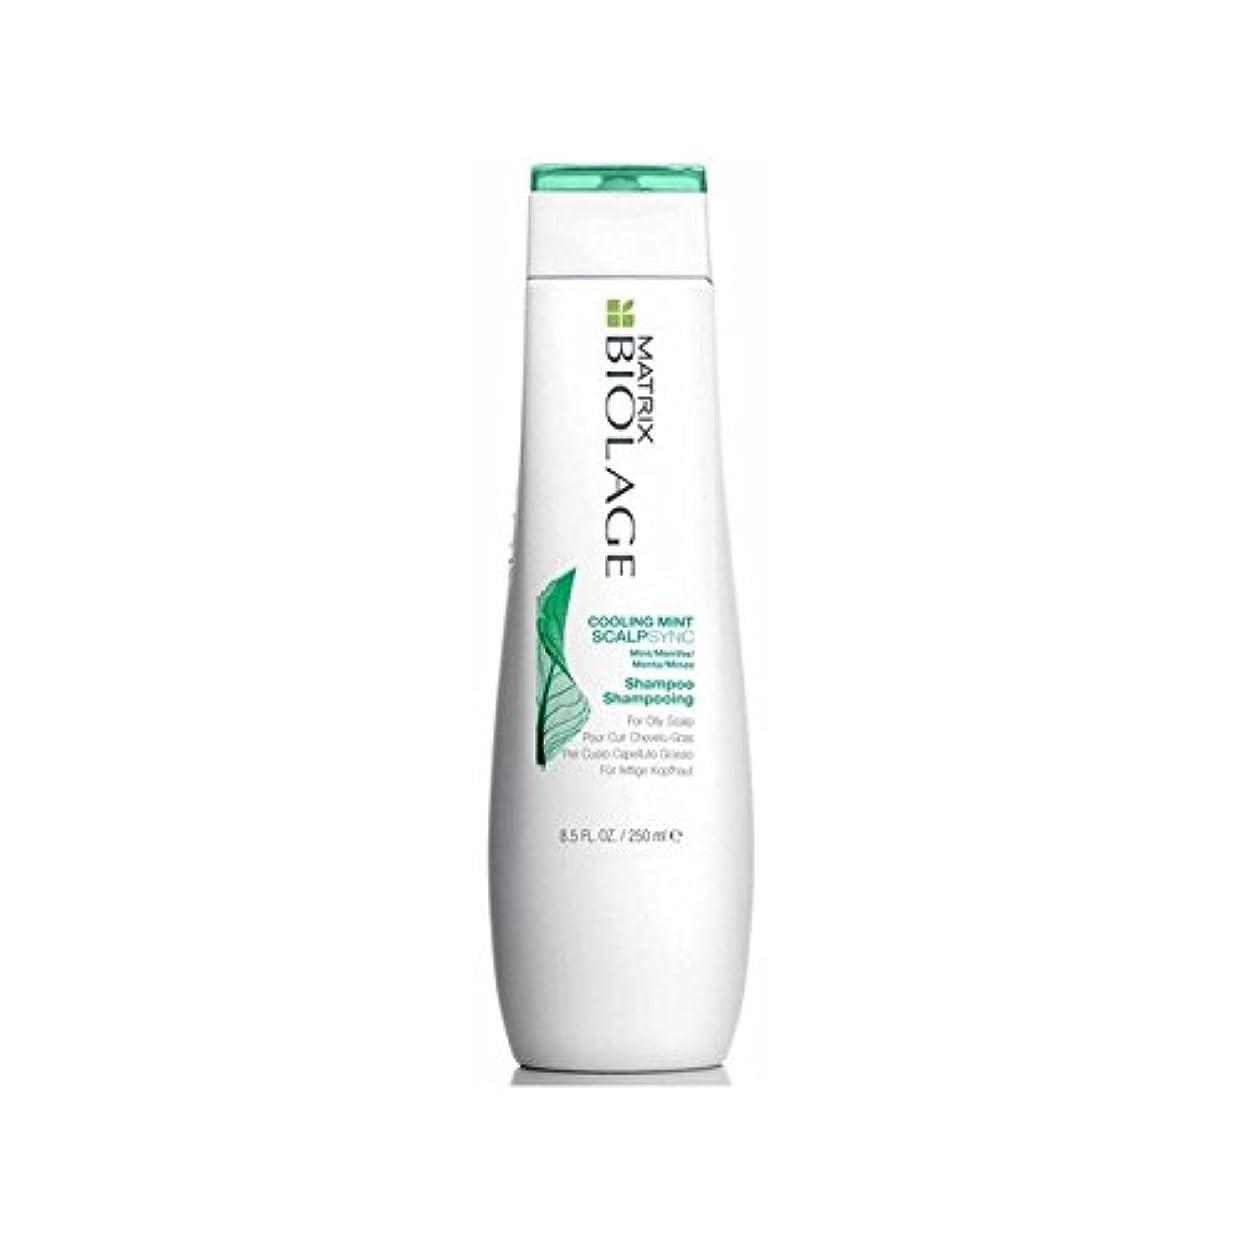 練習した食器棚化粧Matrix Biolage Scalptherapie Scalp Cooling Mint Shampoo (250ml) (Pack of 6) - ミントシャンプー(250ミリリットル)を冷却マトリックスバイオレイジ...